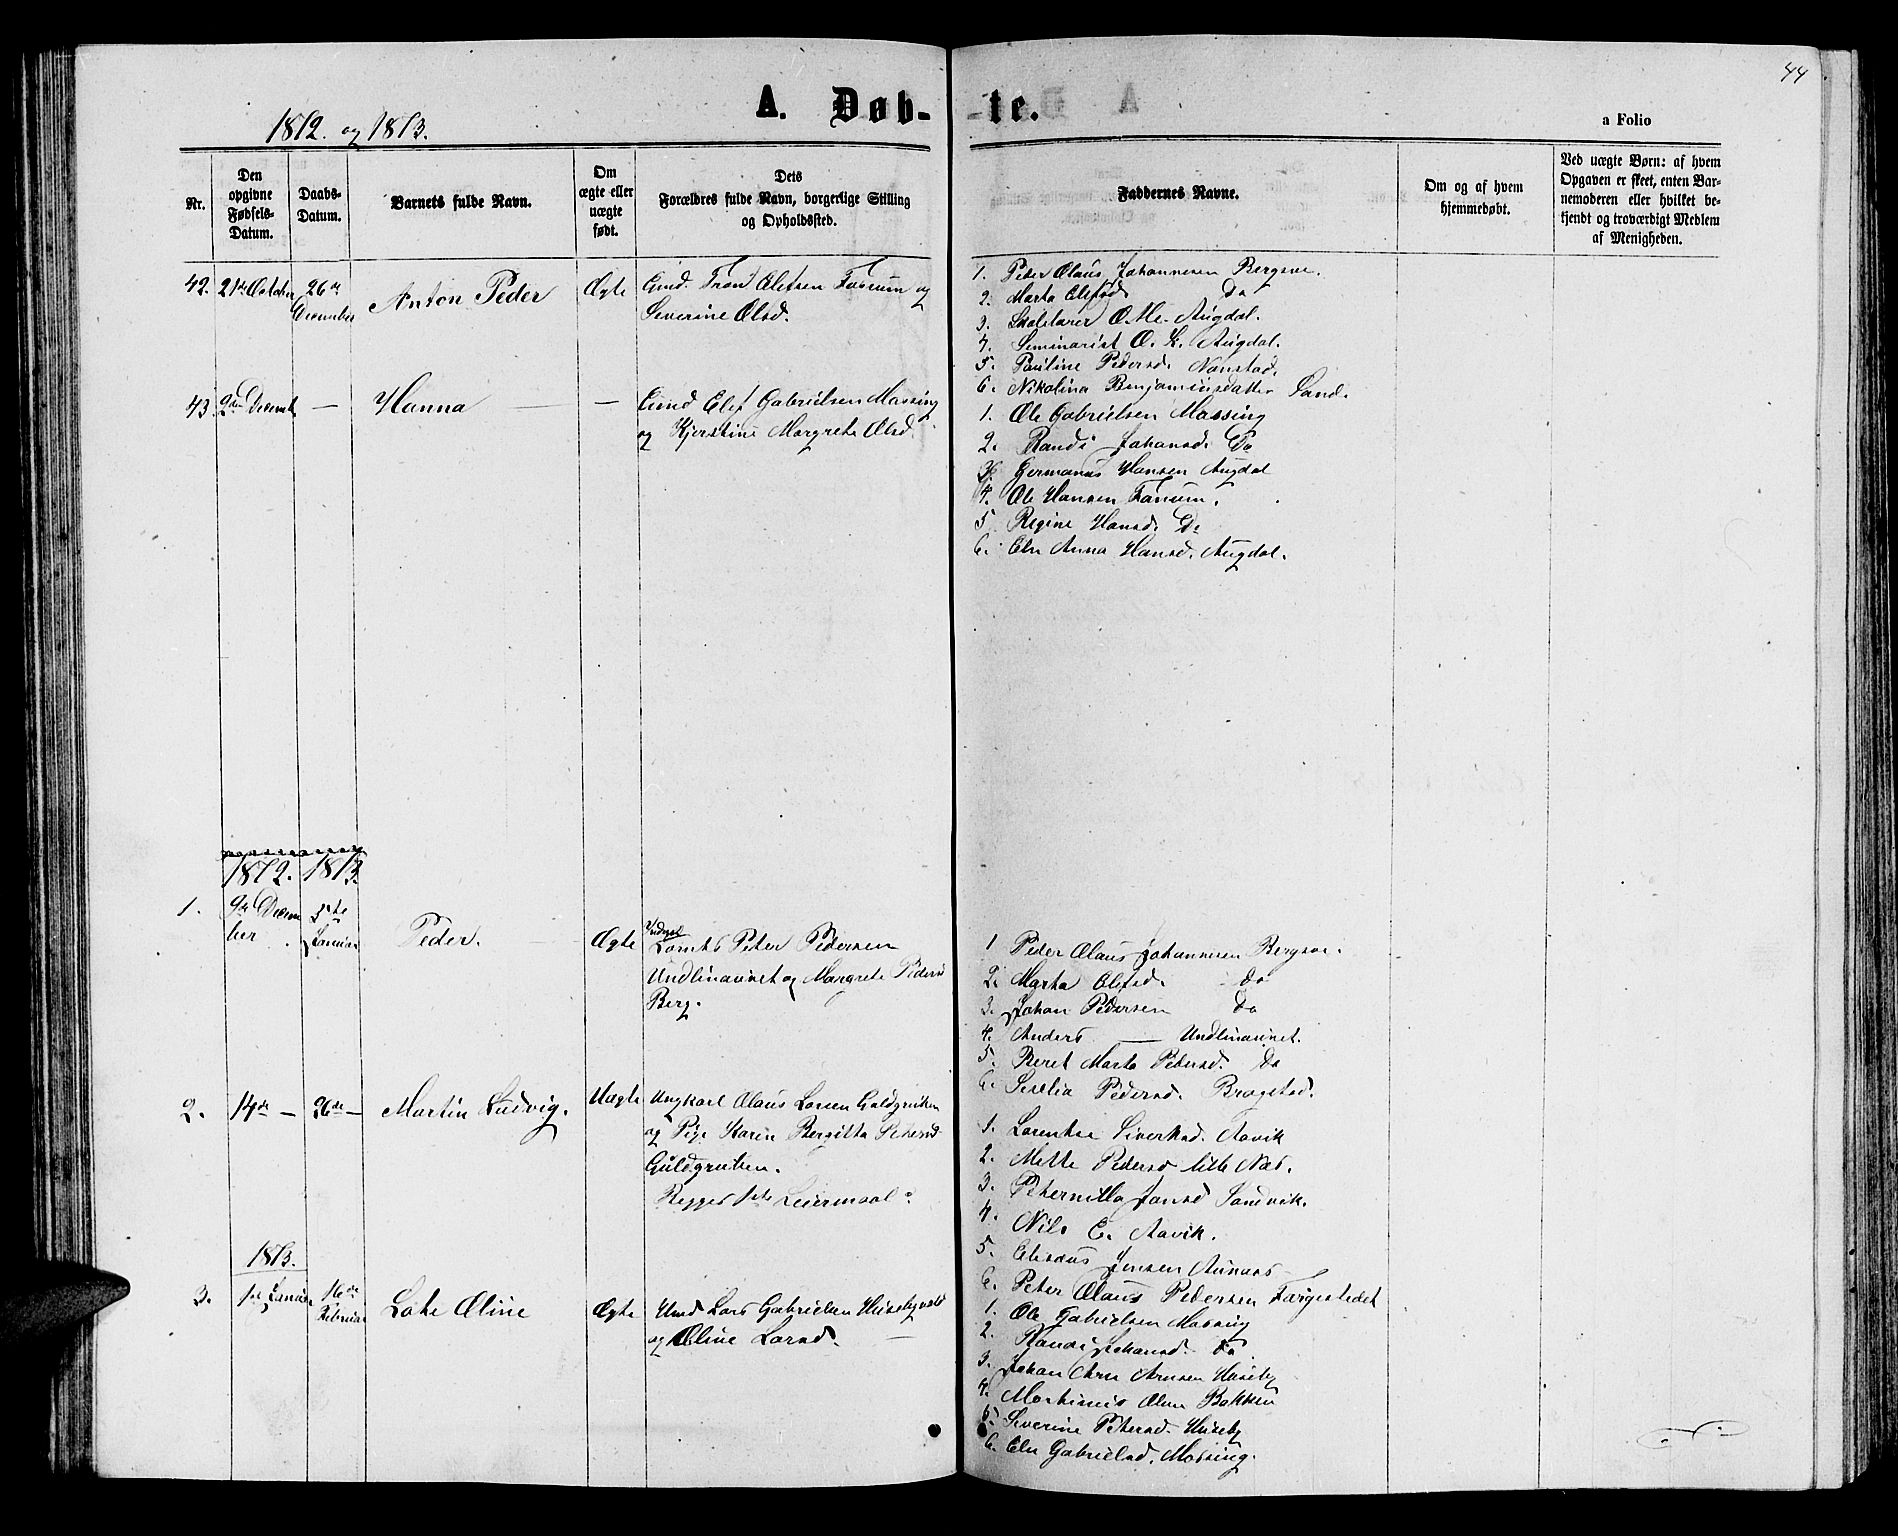 SAT, Ministerialprotokoller, klokkerbøker og fødselsregistre - Nord-Trøndelag, 714/L0133: Klokkerbok nr. 714C02, 1865-1877, s. 44